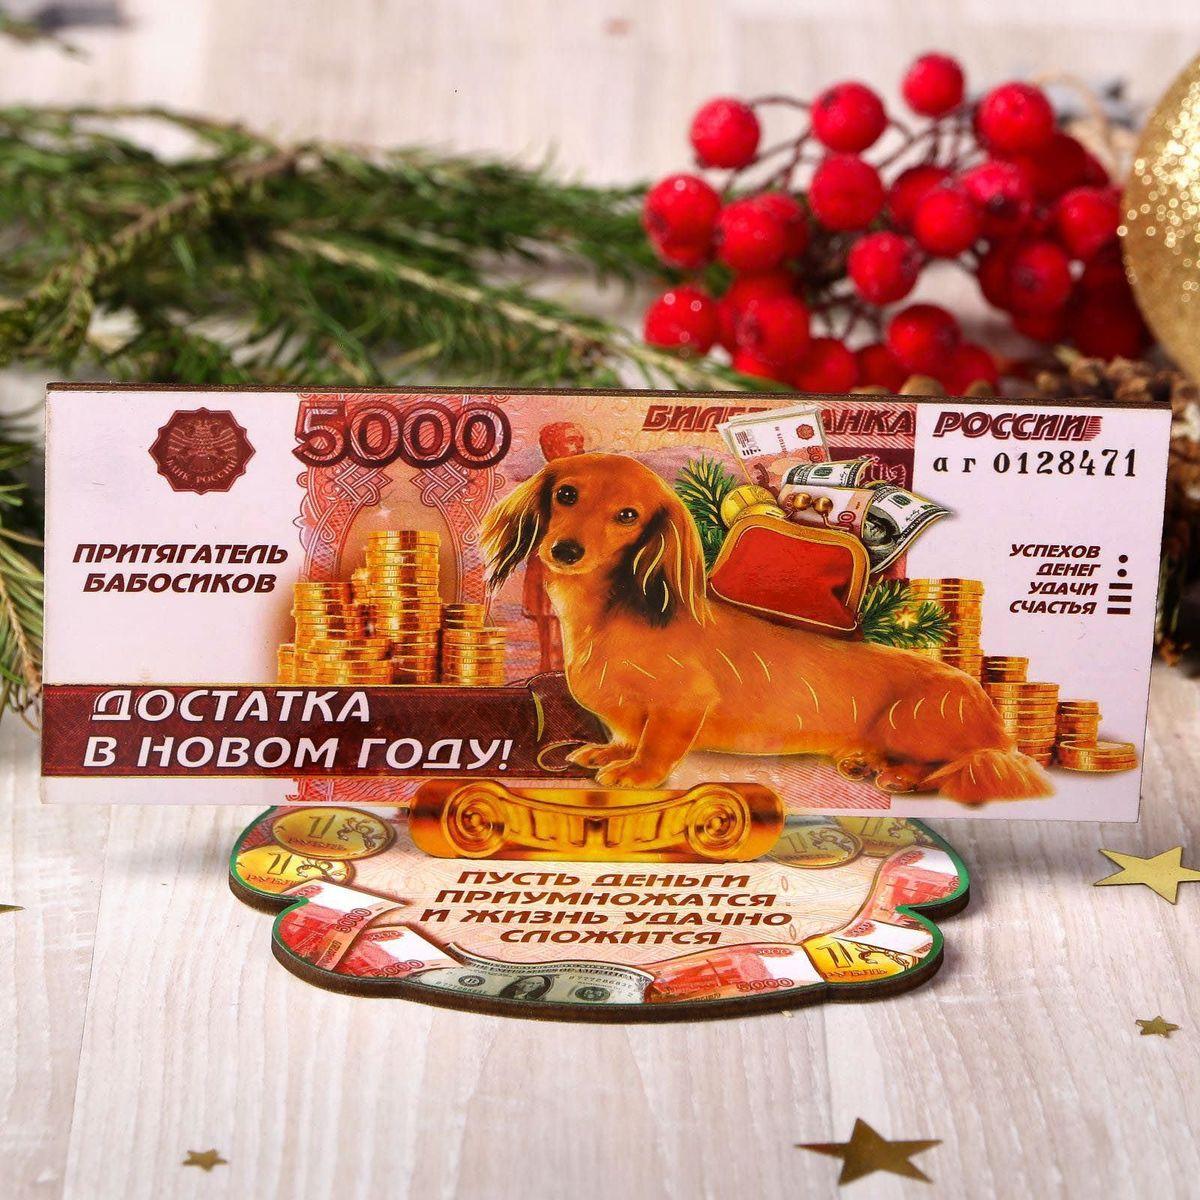 Оберег настольный Sima-land Достатка в новом году, дерево. 10.1 х 8.1 см, цвет: коричневый2278731Приближаются самые добрые и долгожданные праздники — Новый год и Рождество И каждого из нас ждет оригинальный и полезный подарок. Обереги или талисманы — это чудесные сувениры, способные привлечь счастье, успех и достаток, стоит лишь расположить их на рабочем столе дома или в офисе! Или носить с собой в качестве оберега. Такие подарки прекрасно впишутся в любой интерьер и станут отличным атрибутом праздника, а также станут отличным оберегом своего хозяина.